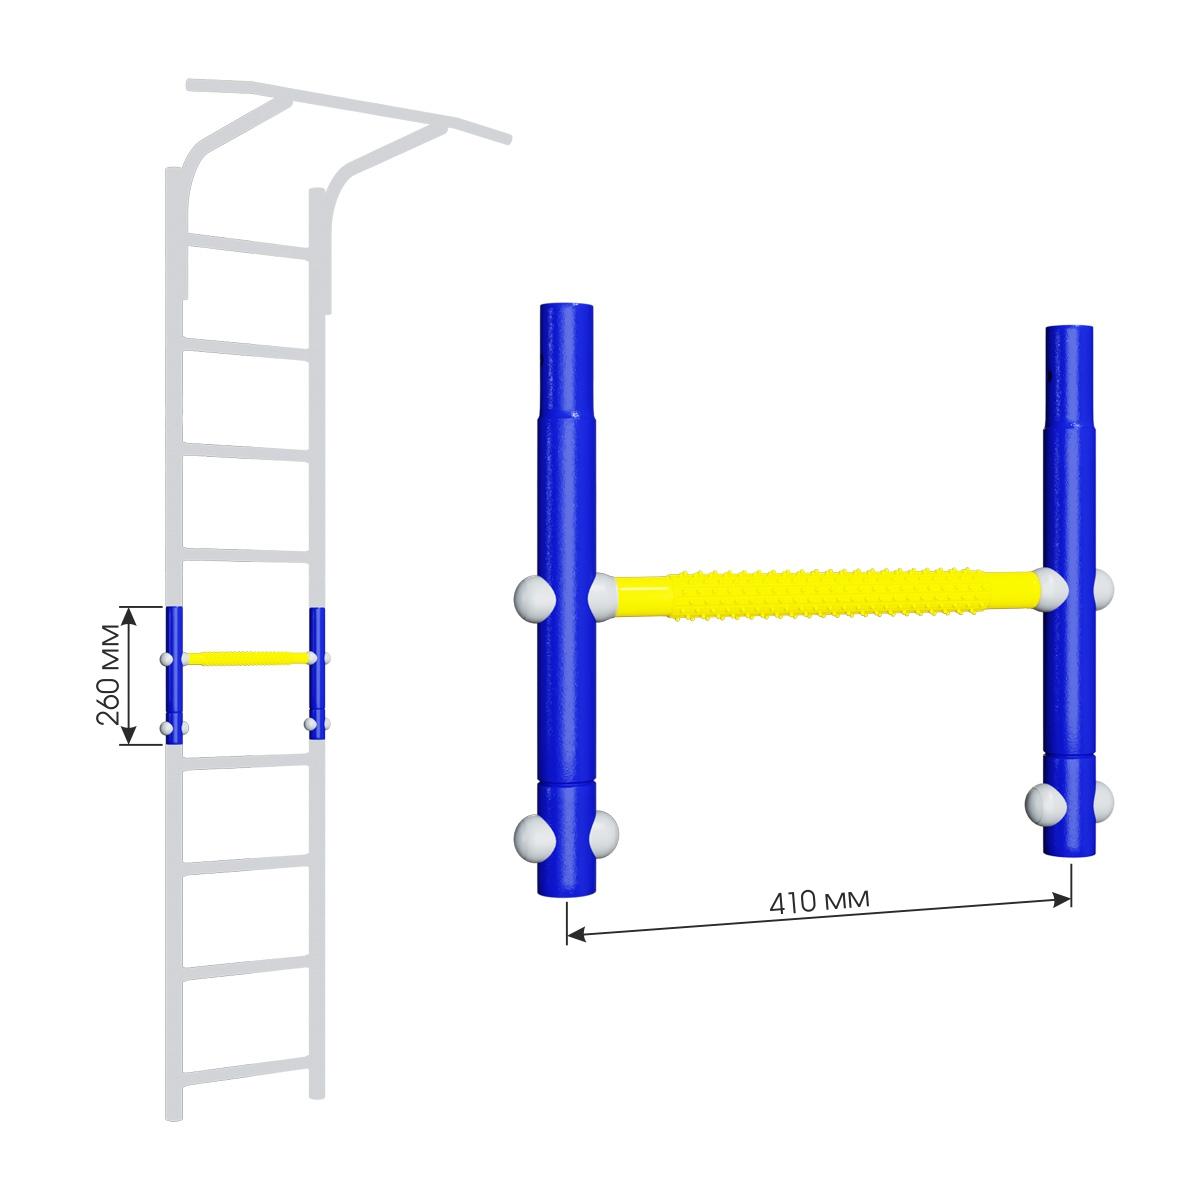 Вставка для увеличения высоты ДСКМ 410 Romana Dop8 (6.06.00) синяя слива/жёлтый